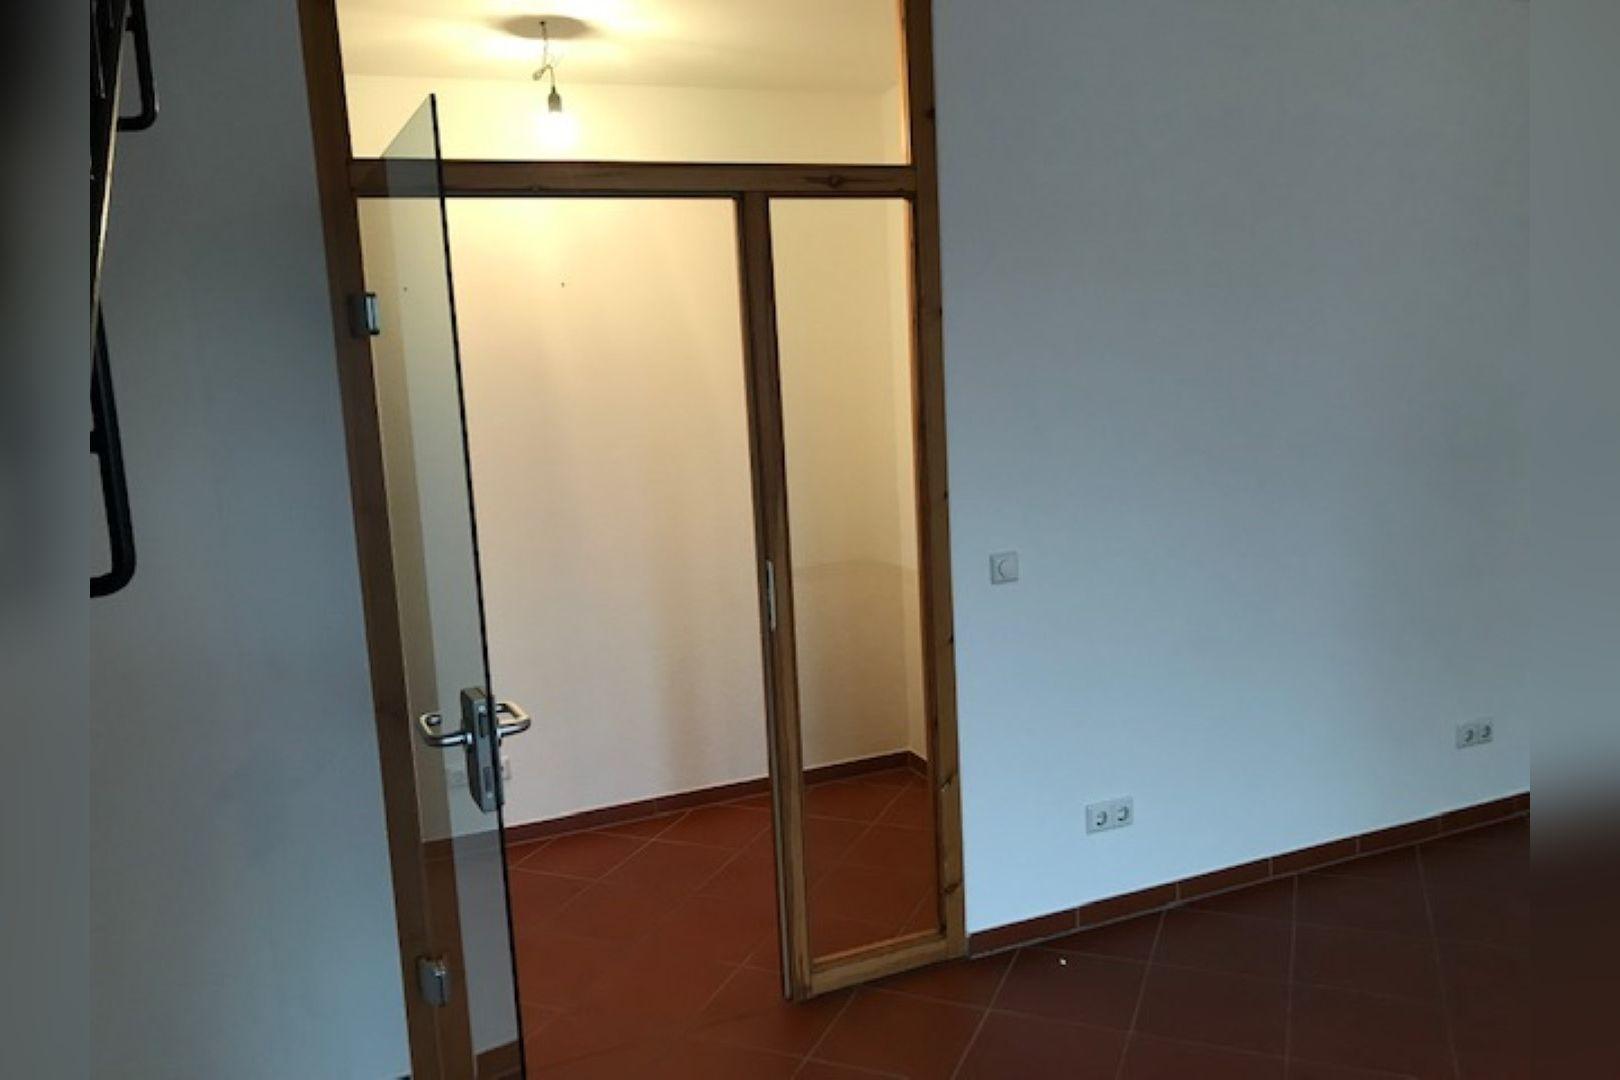 Immobilie Nr.0253 - 3-Zimmer-Maisonette-Wohnung  - Bild 8.jpg